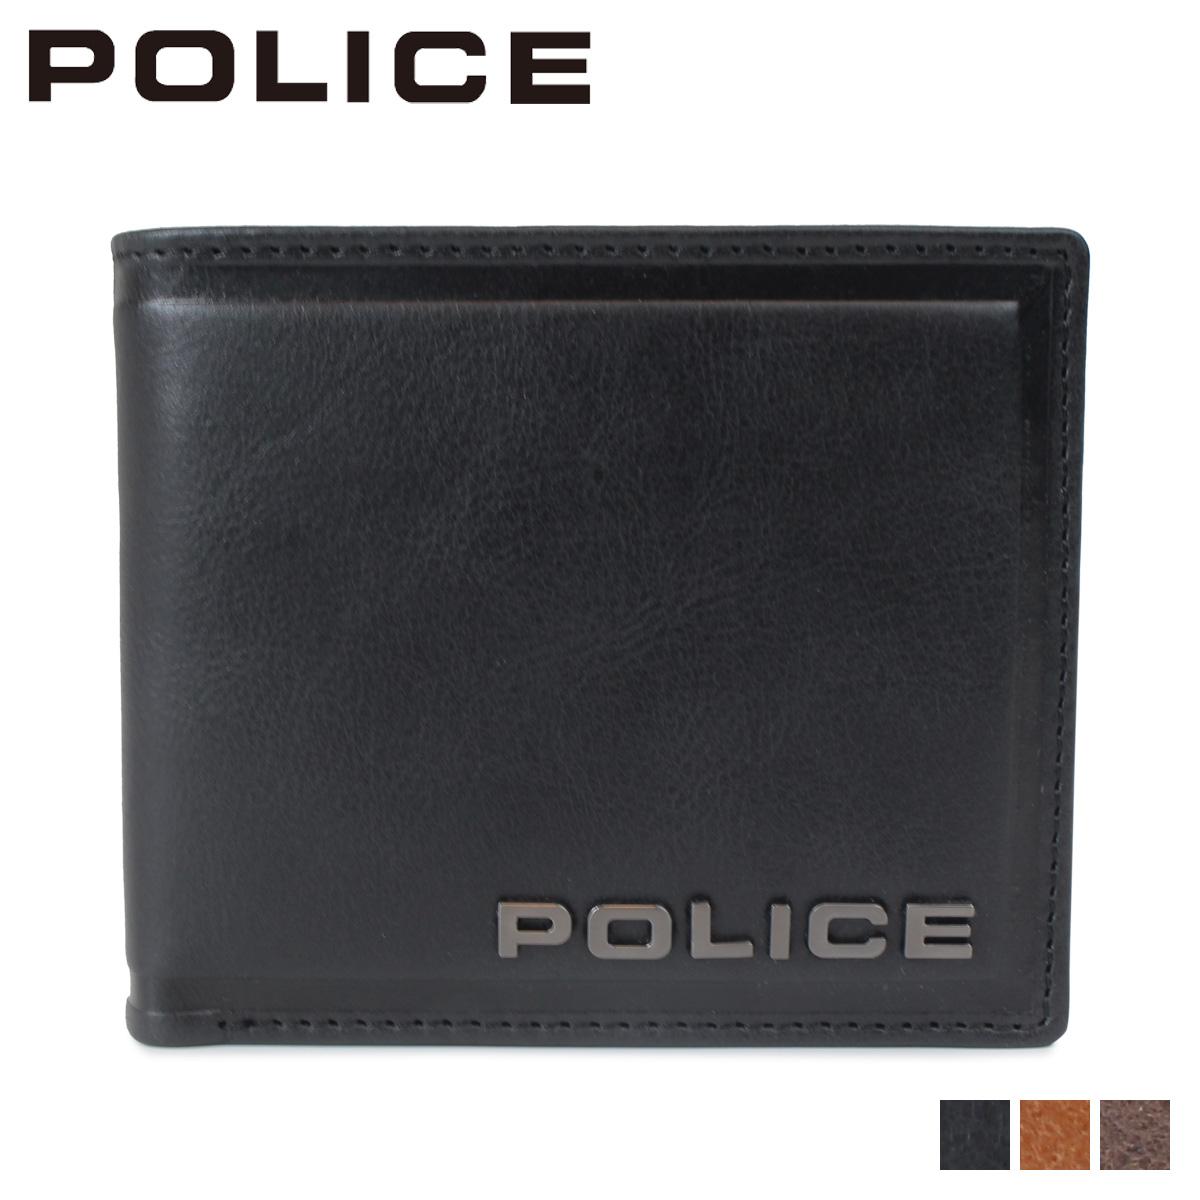 POLICE EDGE SHORT WALLET ポリス 財布 二つ折り メンズ レザー ブラック キャメル ダーク ブラウン 黒 PA-58000